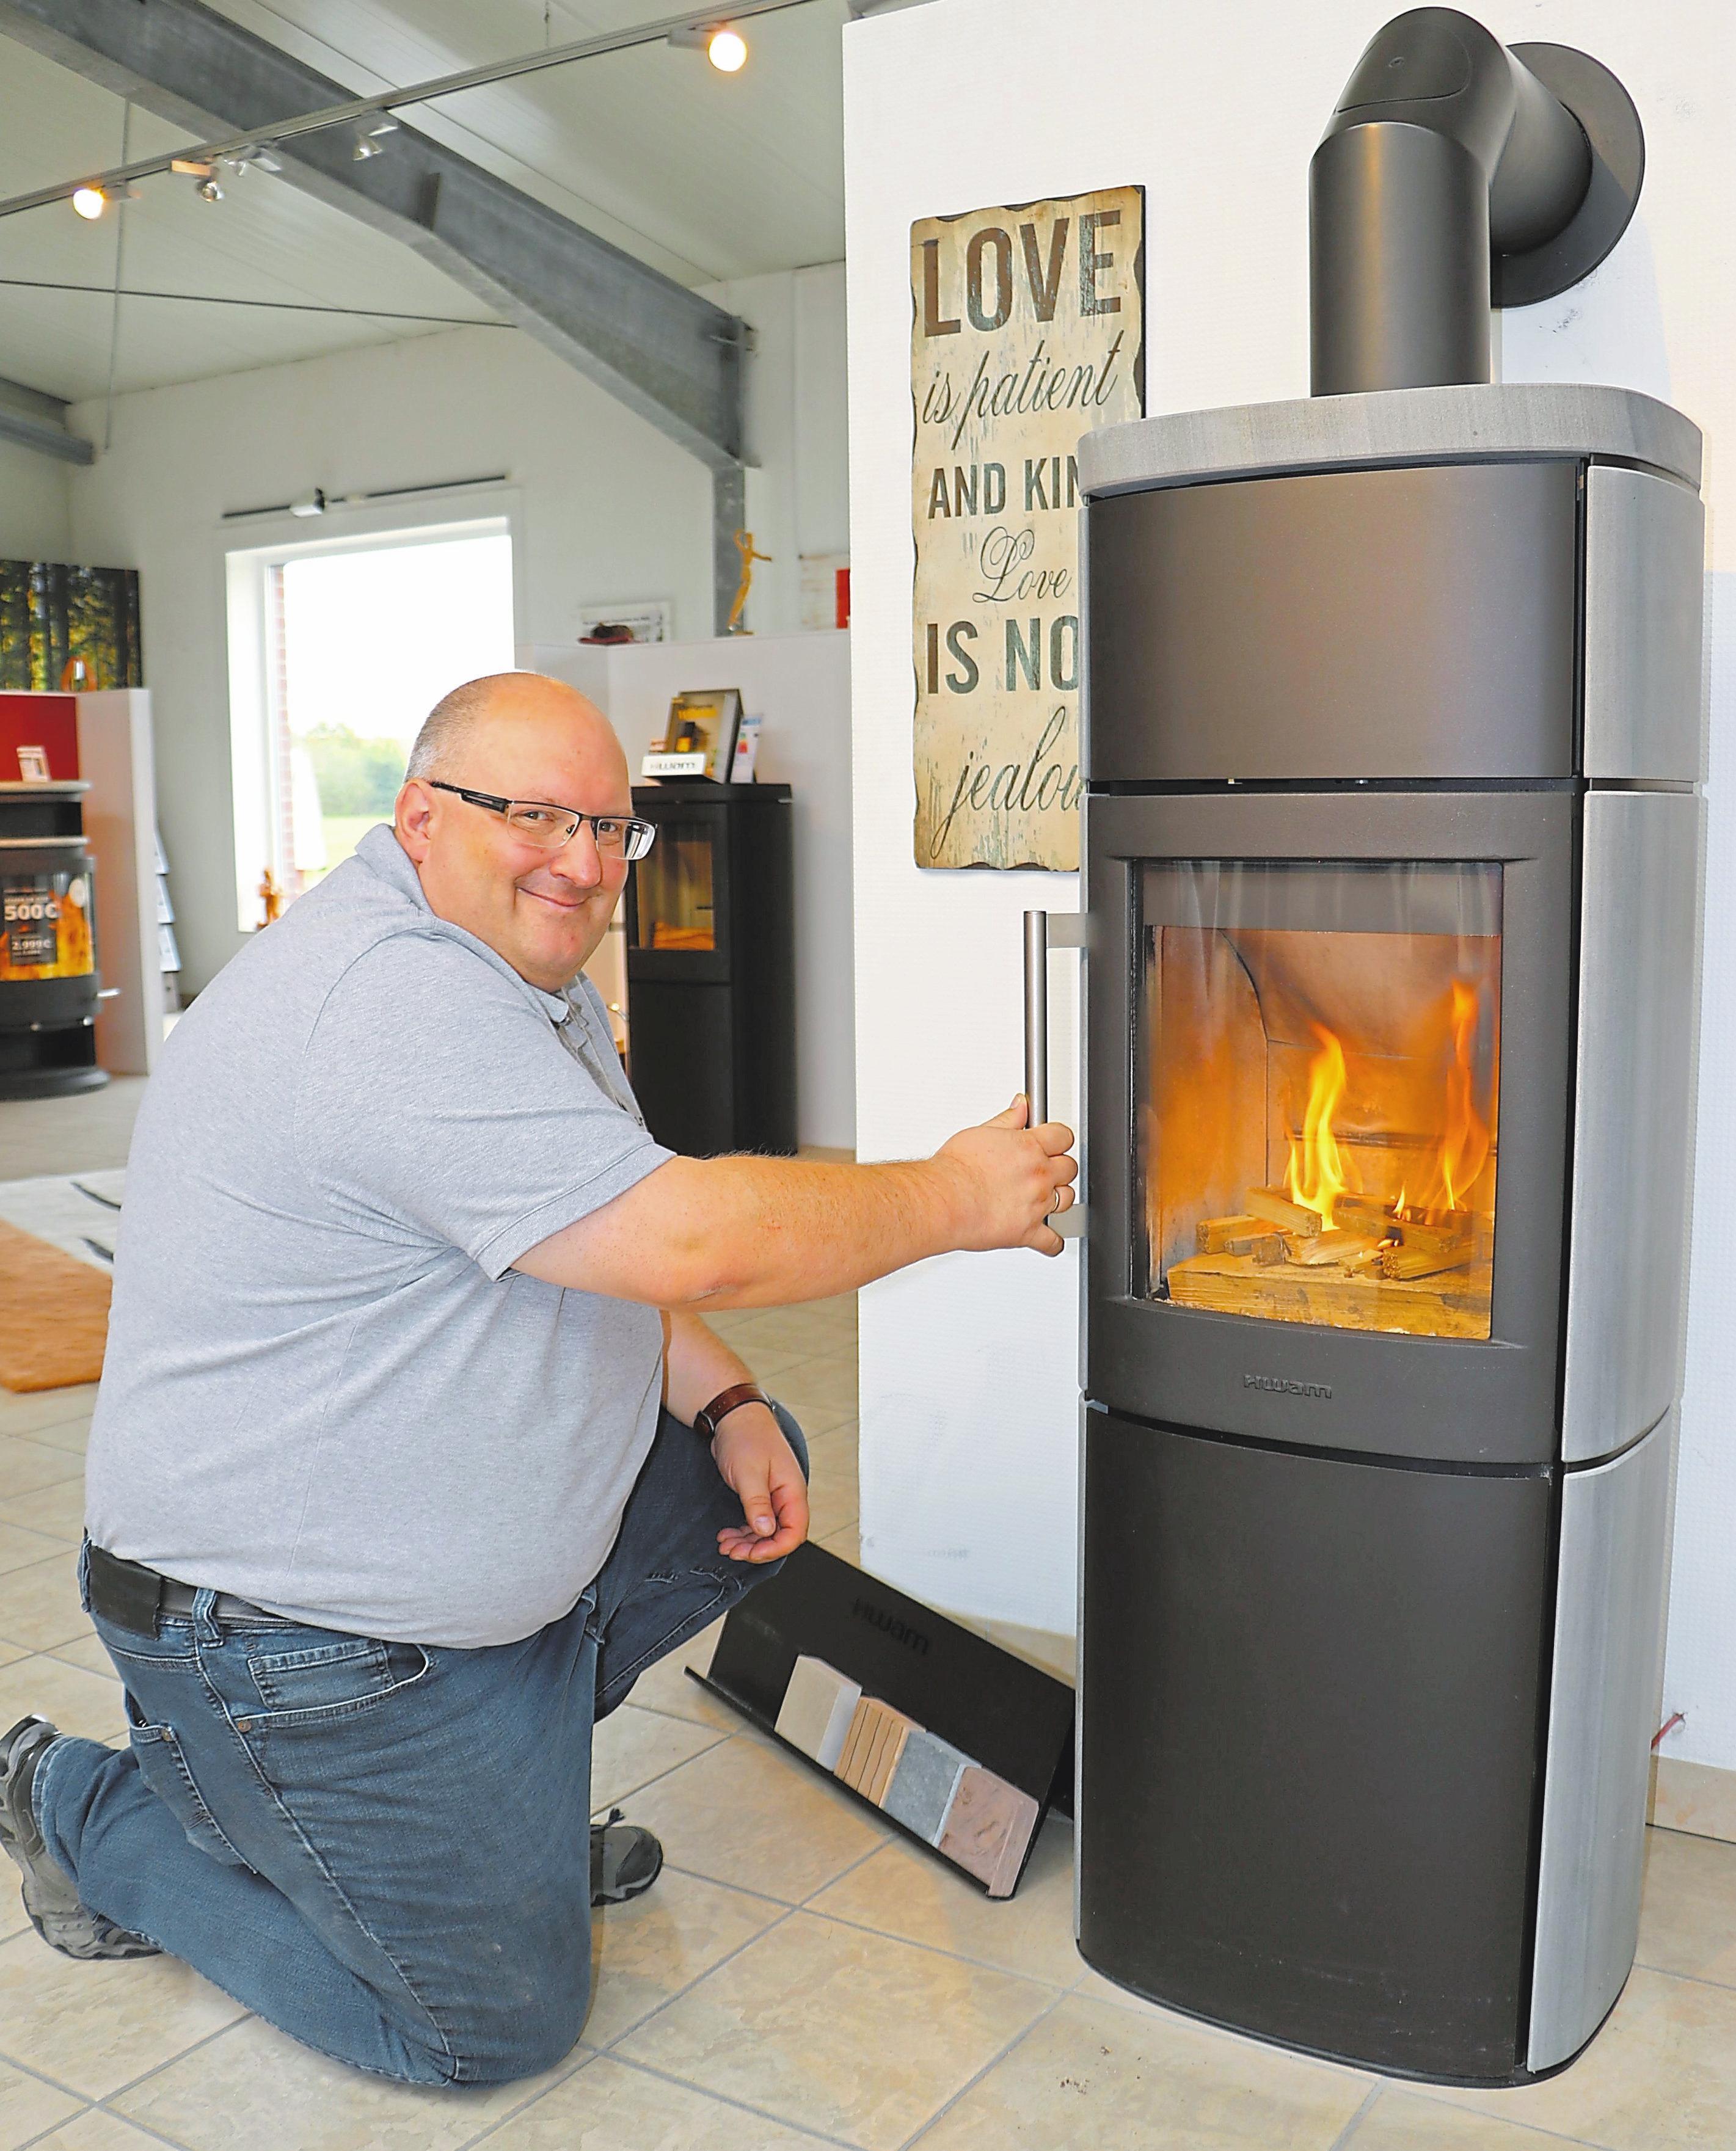 Ofen- und Luftheizungsbaumeister Andreas Neuer ist ein Experte, wenn es darum geht, ein heimeliges Feuer zu entfachen. Fotos: awi